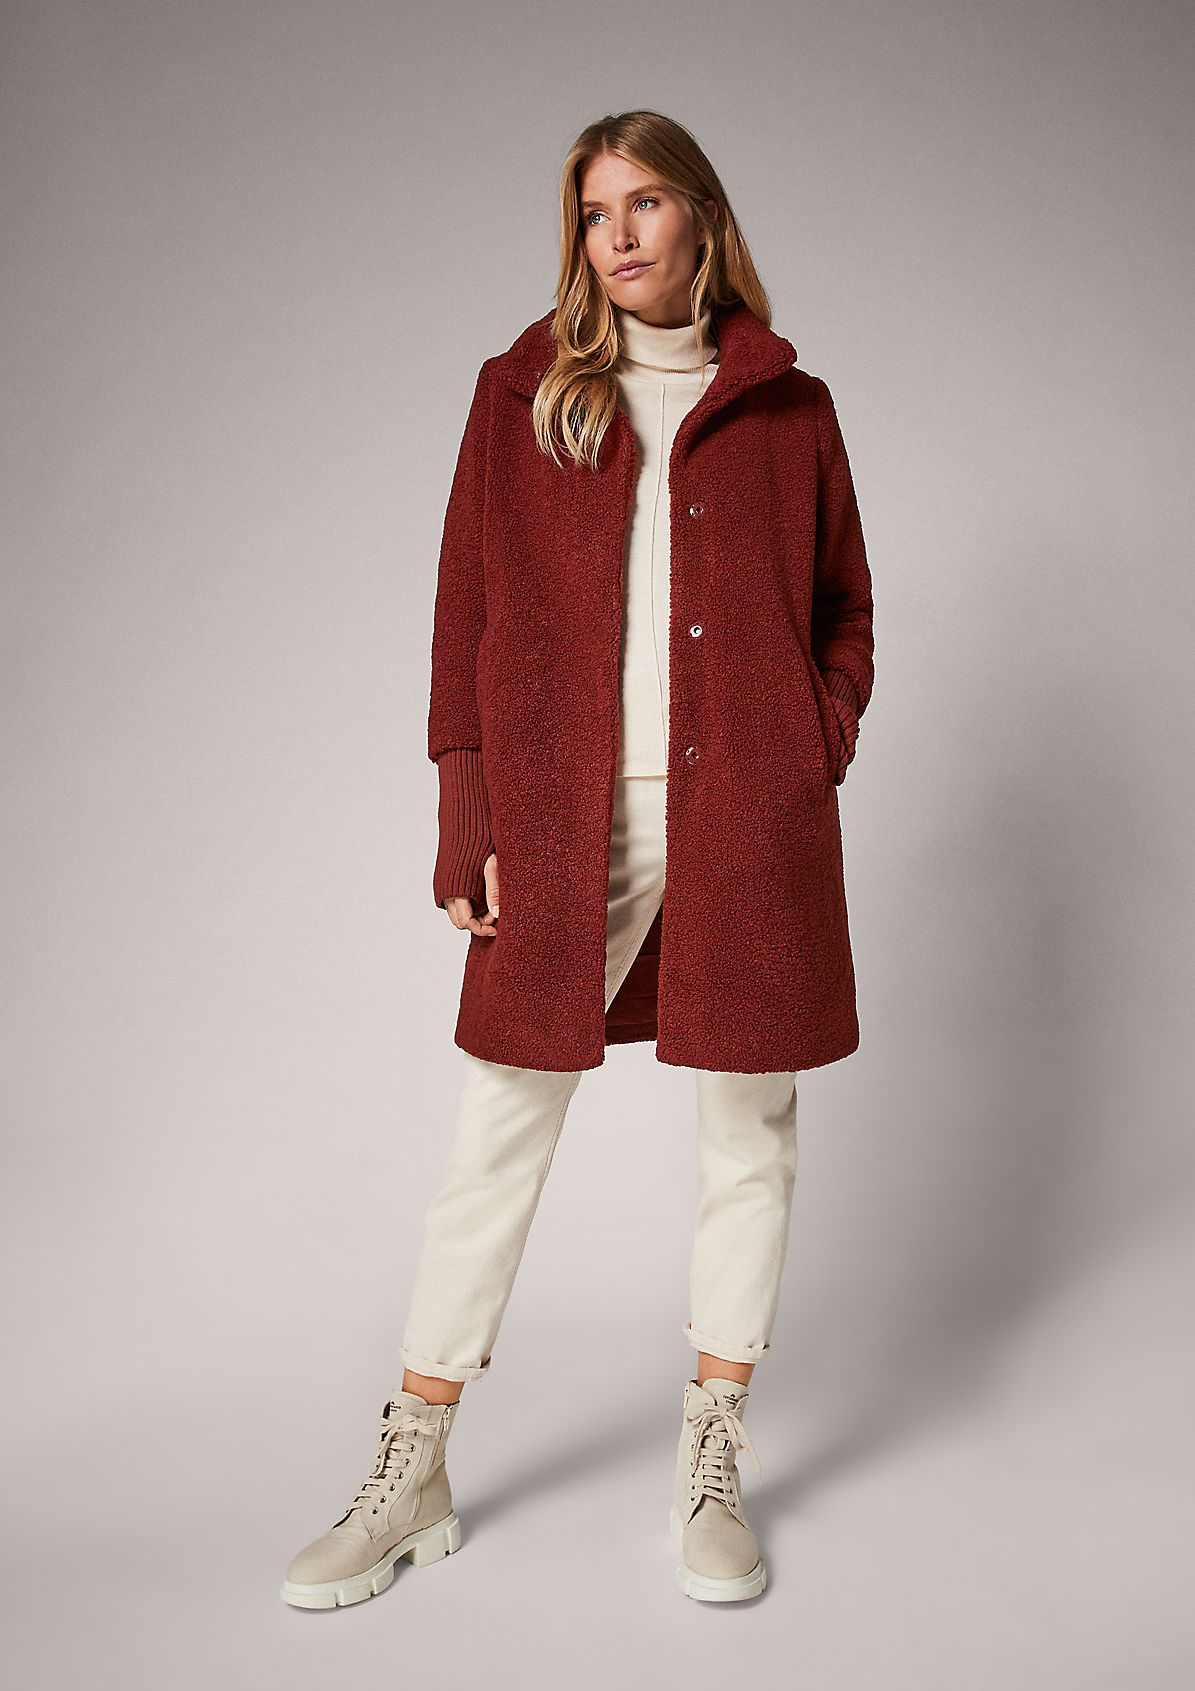 Mantel mit Rippbündchen